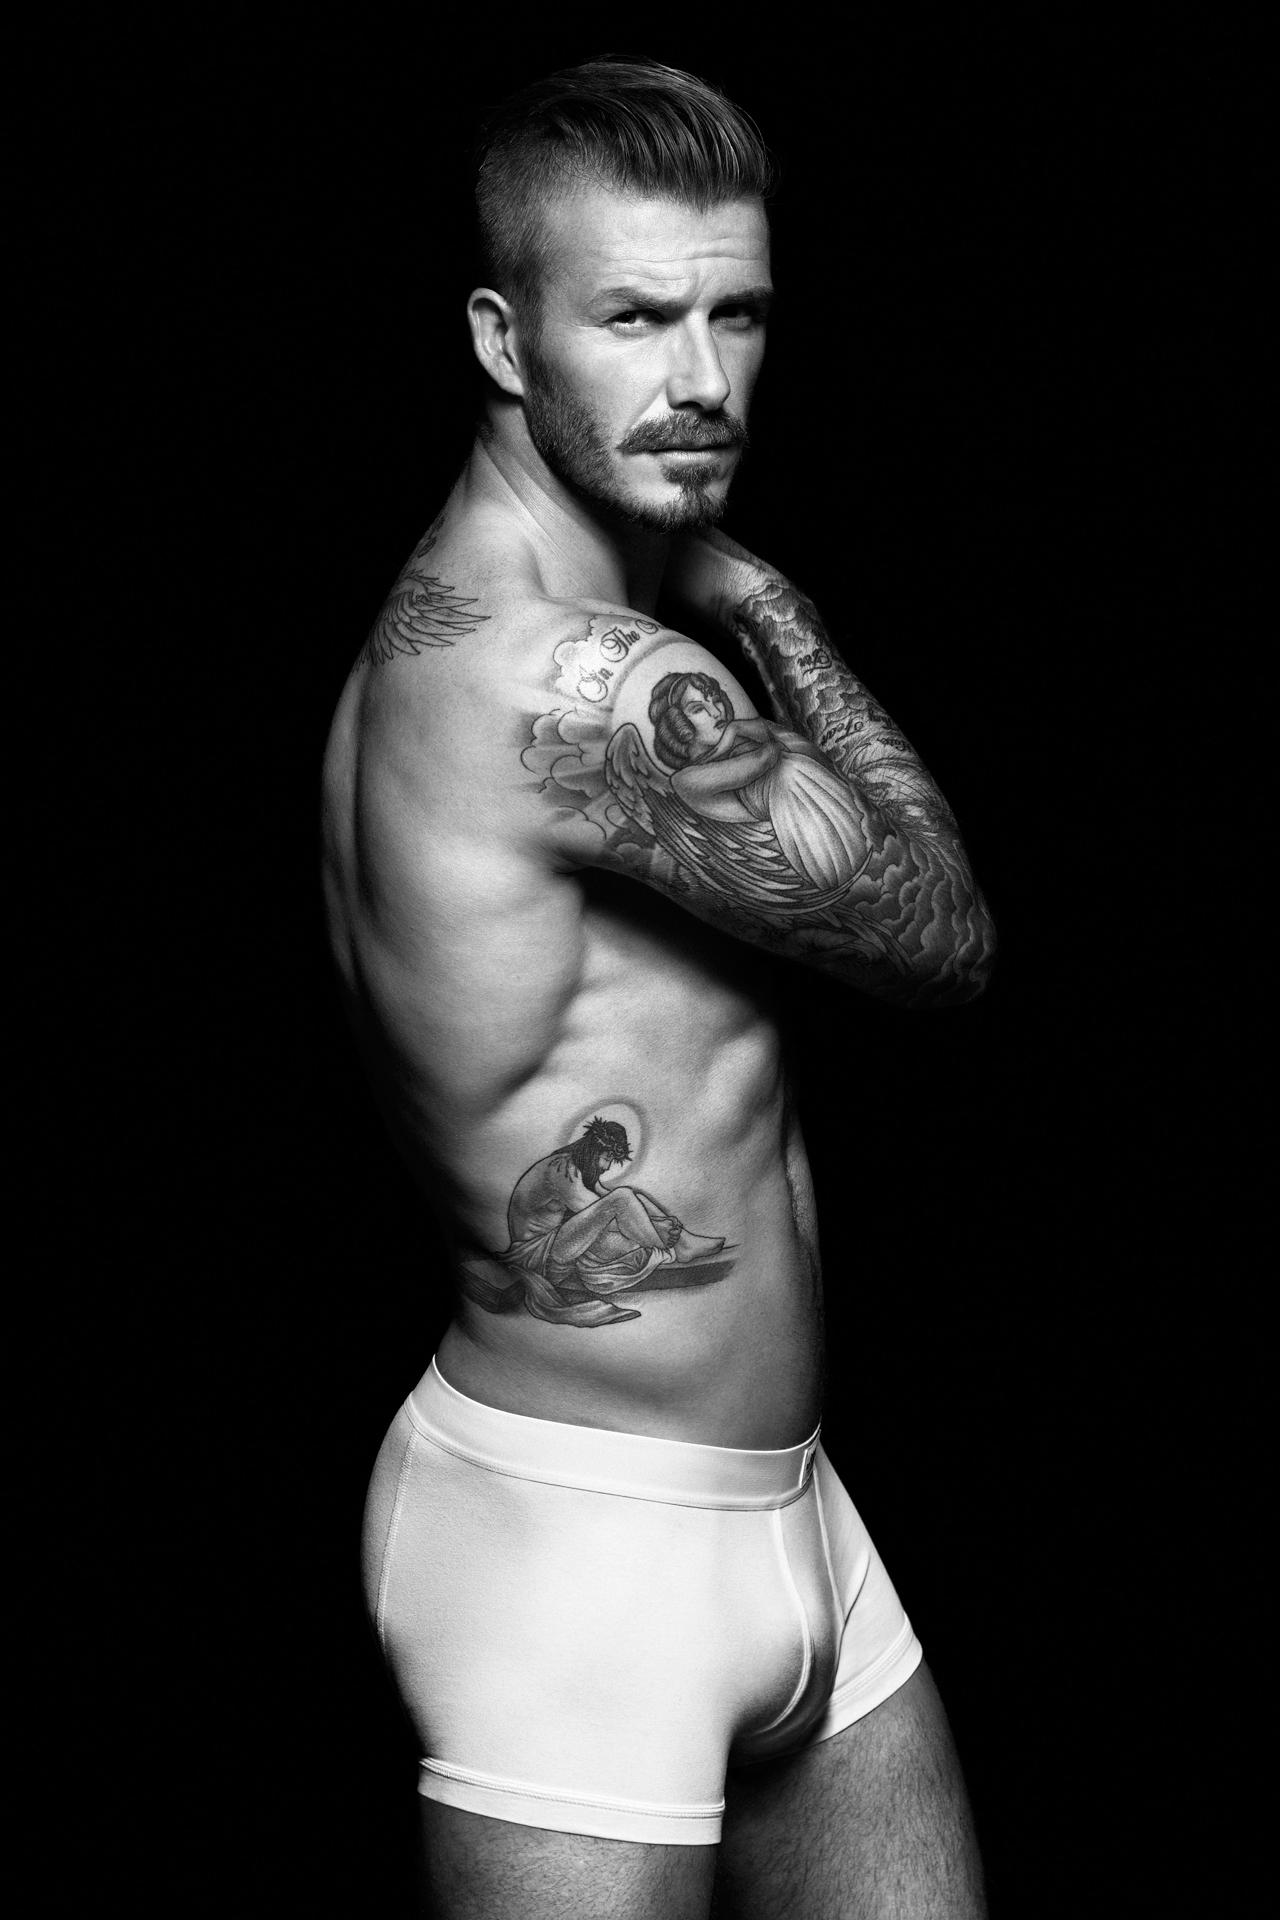 Wallpaper David Beckham Model Football Player Tattoo Looking